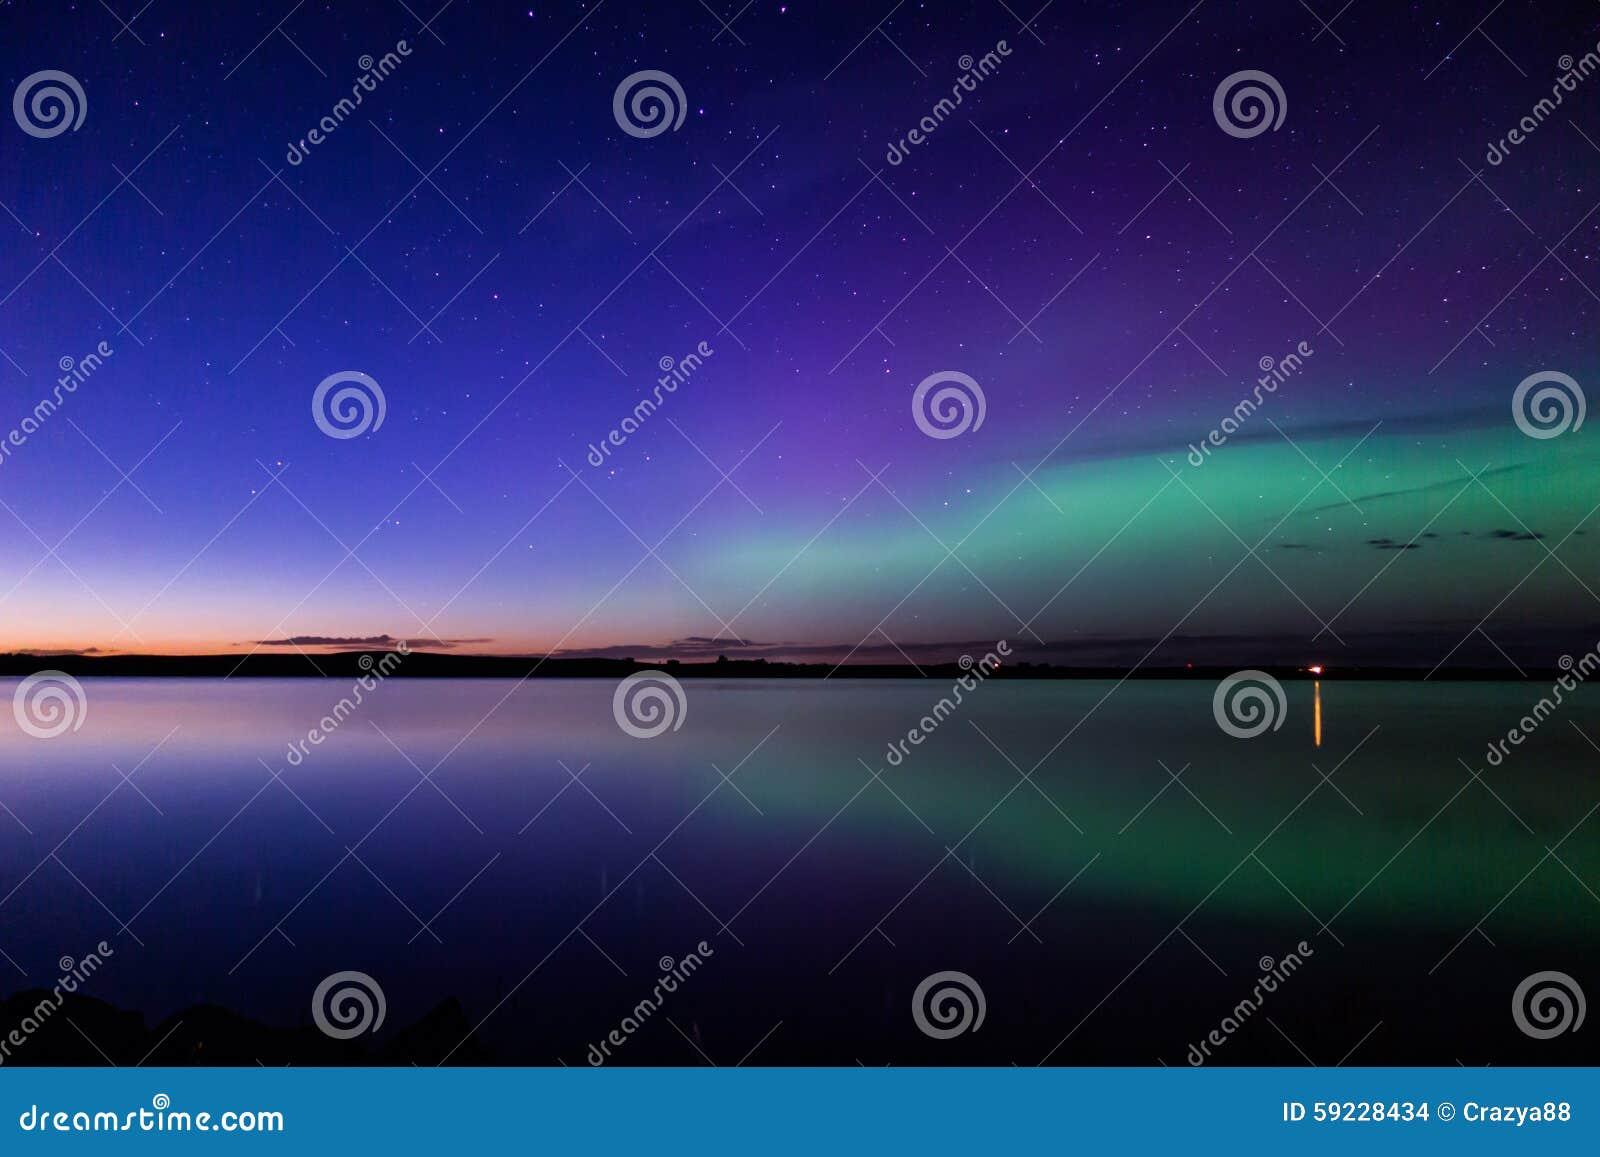 Aurora borealis reflejado sobre un lago